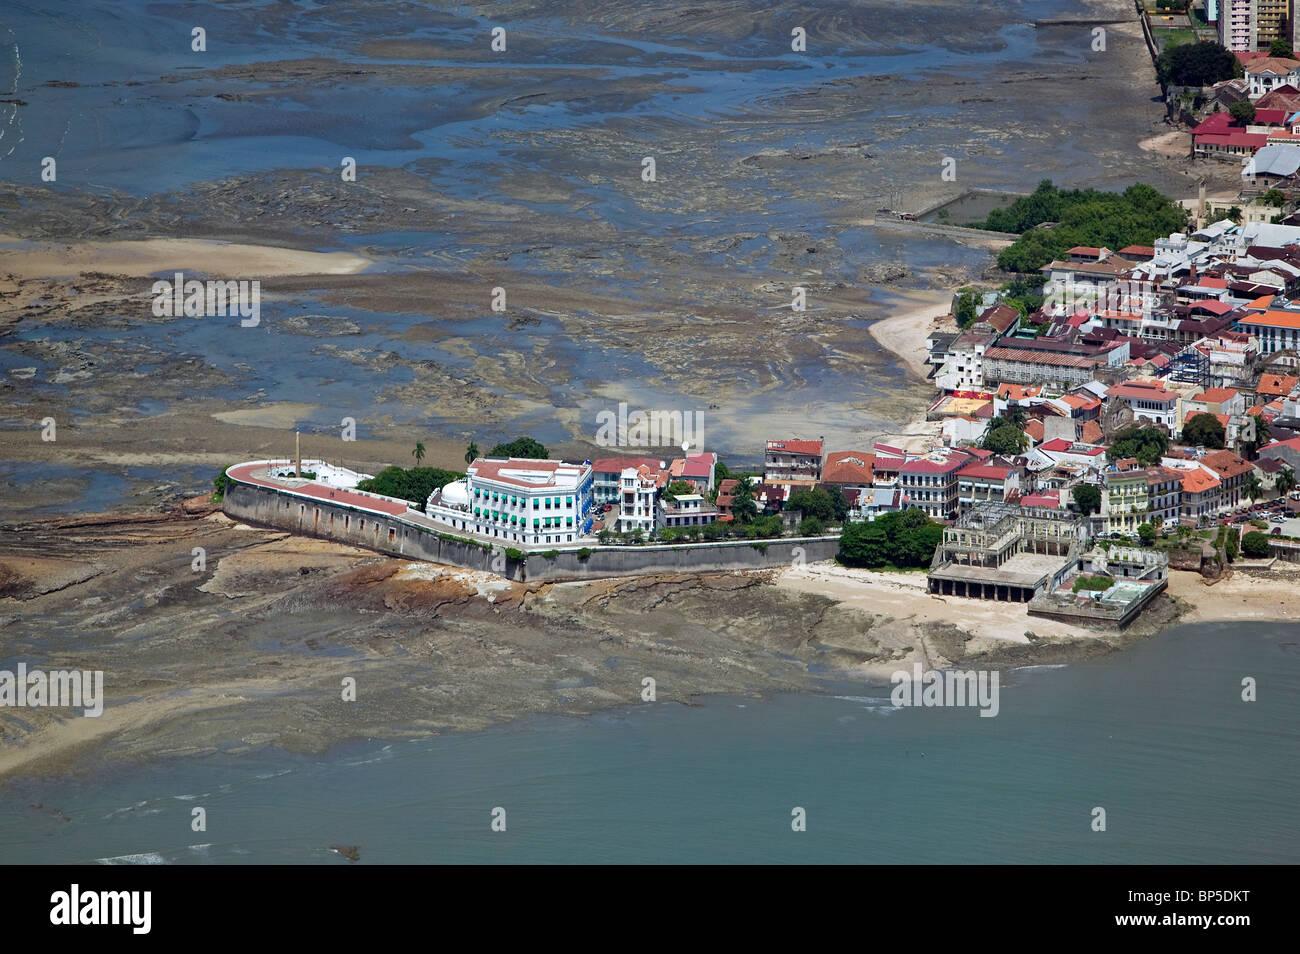 Vista aerea sopra centro storico Casco Viejo la città vecchia di Panama Repubblica di Panama Immagini Stock